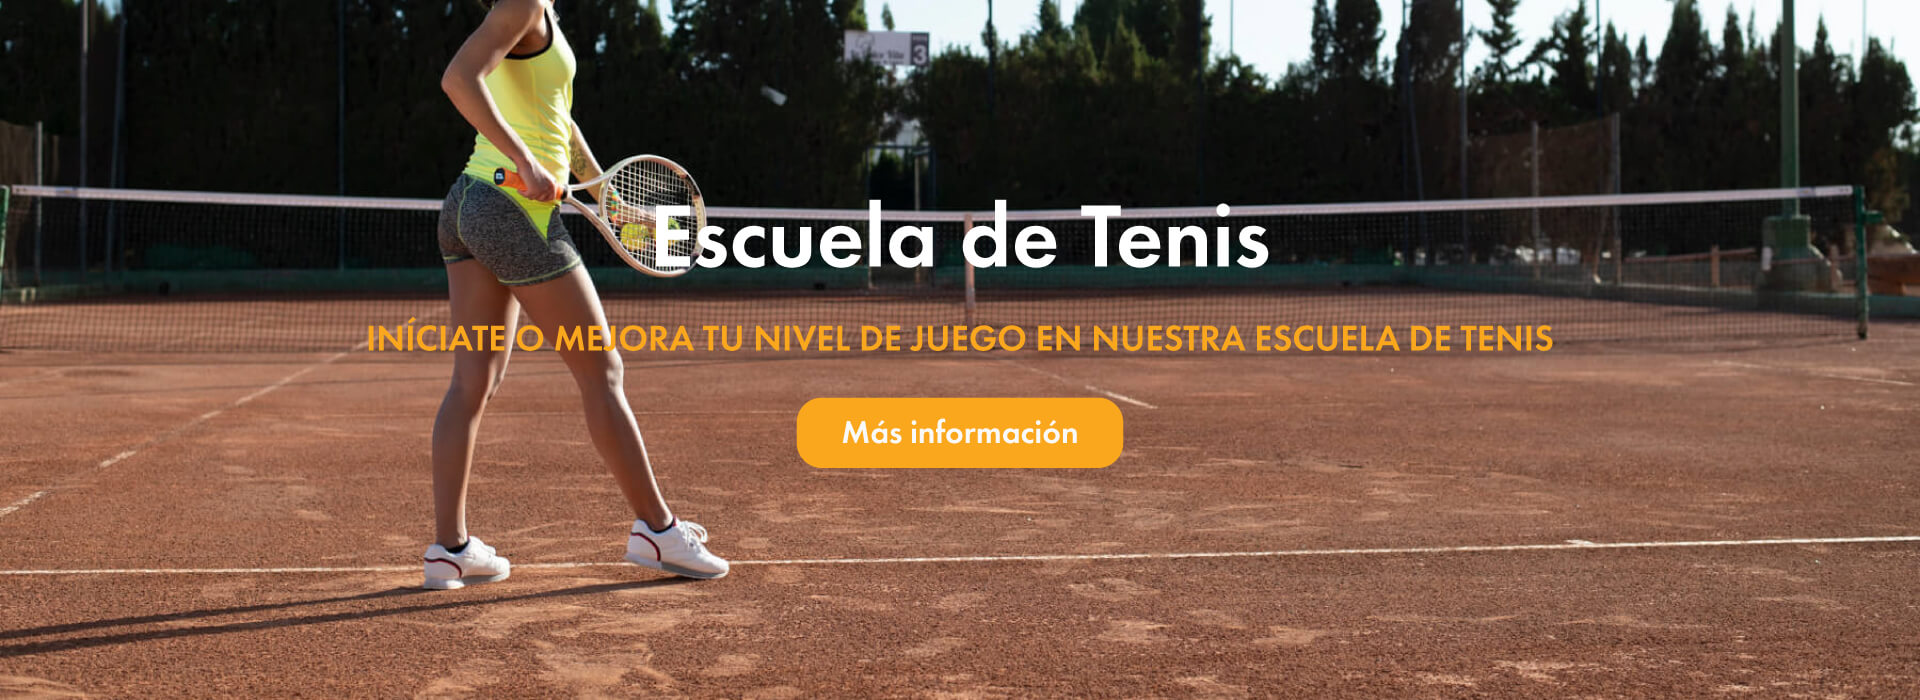 Escuela de Tenis Elche